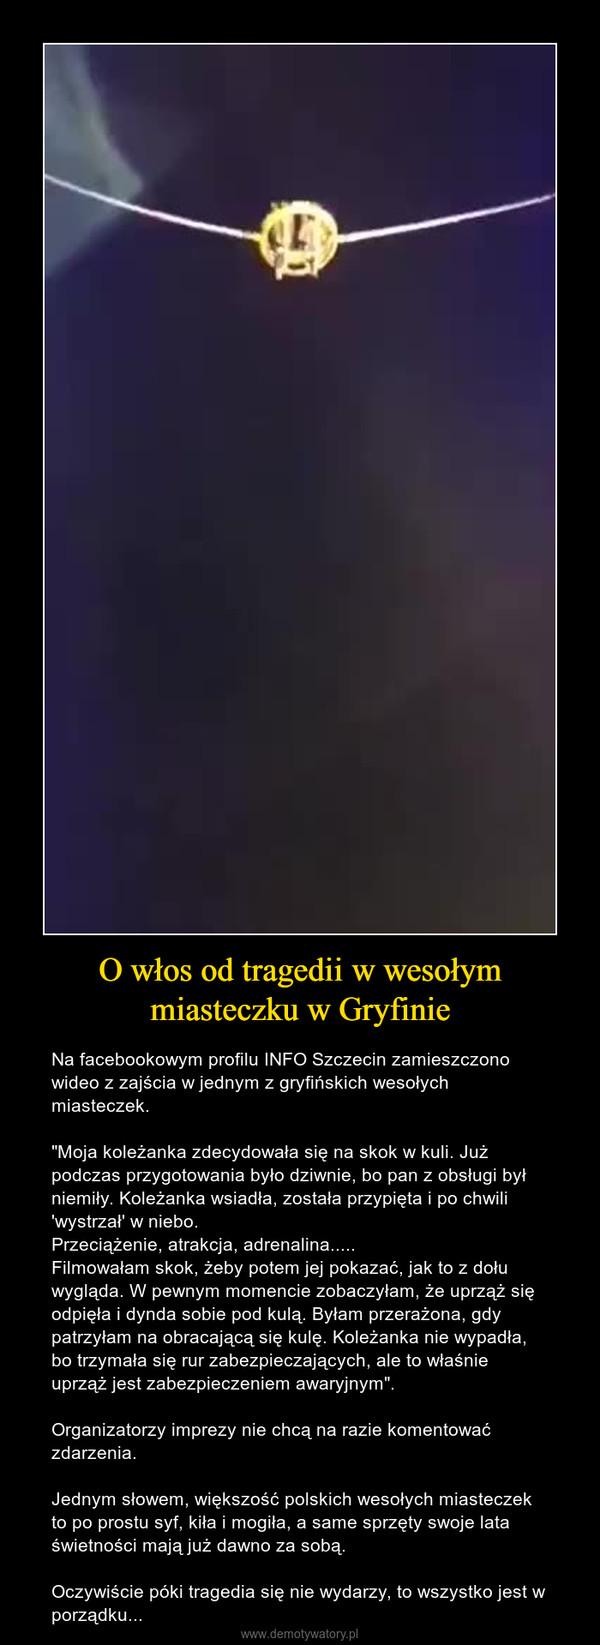 """O włos od tragedii w wesołym miasteczku w Gryfinie – Na facebookowym profilu INFO Szczecin zamieszczono wideo z zajścia w jednym z gryfińskich wesołych miasteczek.""""Moja koleżanka zdecydowała się na skok w kuli. Już podczas przygotowania było dziwnie, bo pan z obsługi był niemiły. Koleżanka wsiadła, została przypięta i po chwili 'wystrzał' w niebo. Przeciążenie, atrakcja, adrenalina.....Filmowałam skok, żeby potem jej pokazać, jak to z dołu wygląda. W pewnym momencie zobaczyłam, że uprząż się odpięła i dynda sobie pod kulą. Byłam przerażona, gdy patrzyłam na obracającą się kulę. Koleżanka nie wypadła, bo trzymała się rur zabezpieczających, ale to właśnie uprząż jest zabezpieczeniem awaryjnym"""".Organizatorzy imprezy nie chcą na razie komentować zdarzenia.Jednym słowem, większość polskich wesołych miasteczek to po prostu syf, kiła i mogiła, a same sprzęty swoje lata świetności mają już dawno za sobą.Oczywiście póki tragedia się nie wydarzy, to wszystko jest w porządku..."""